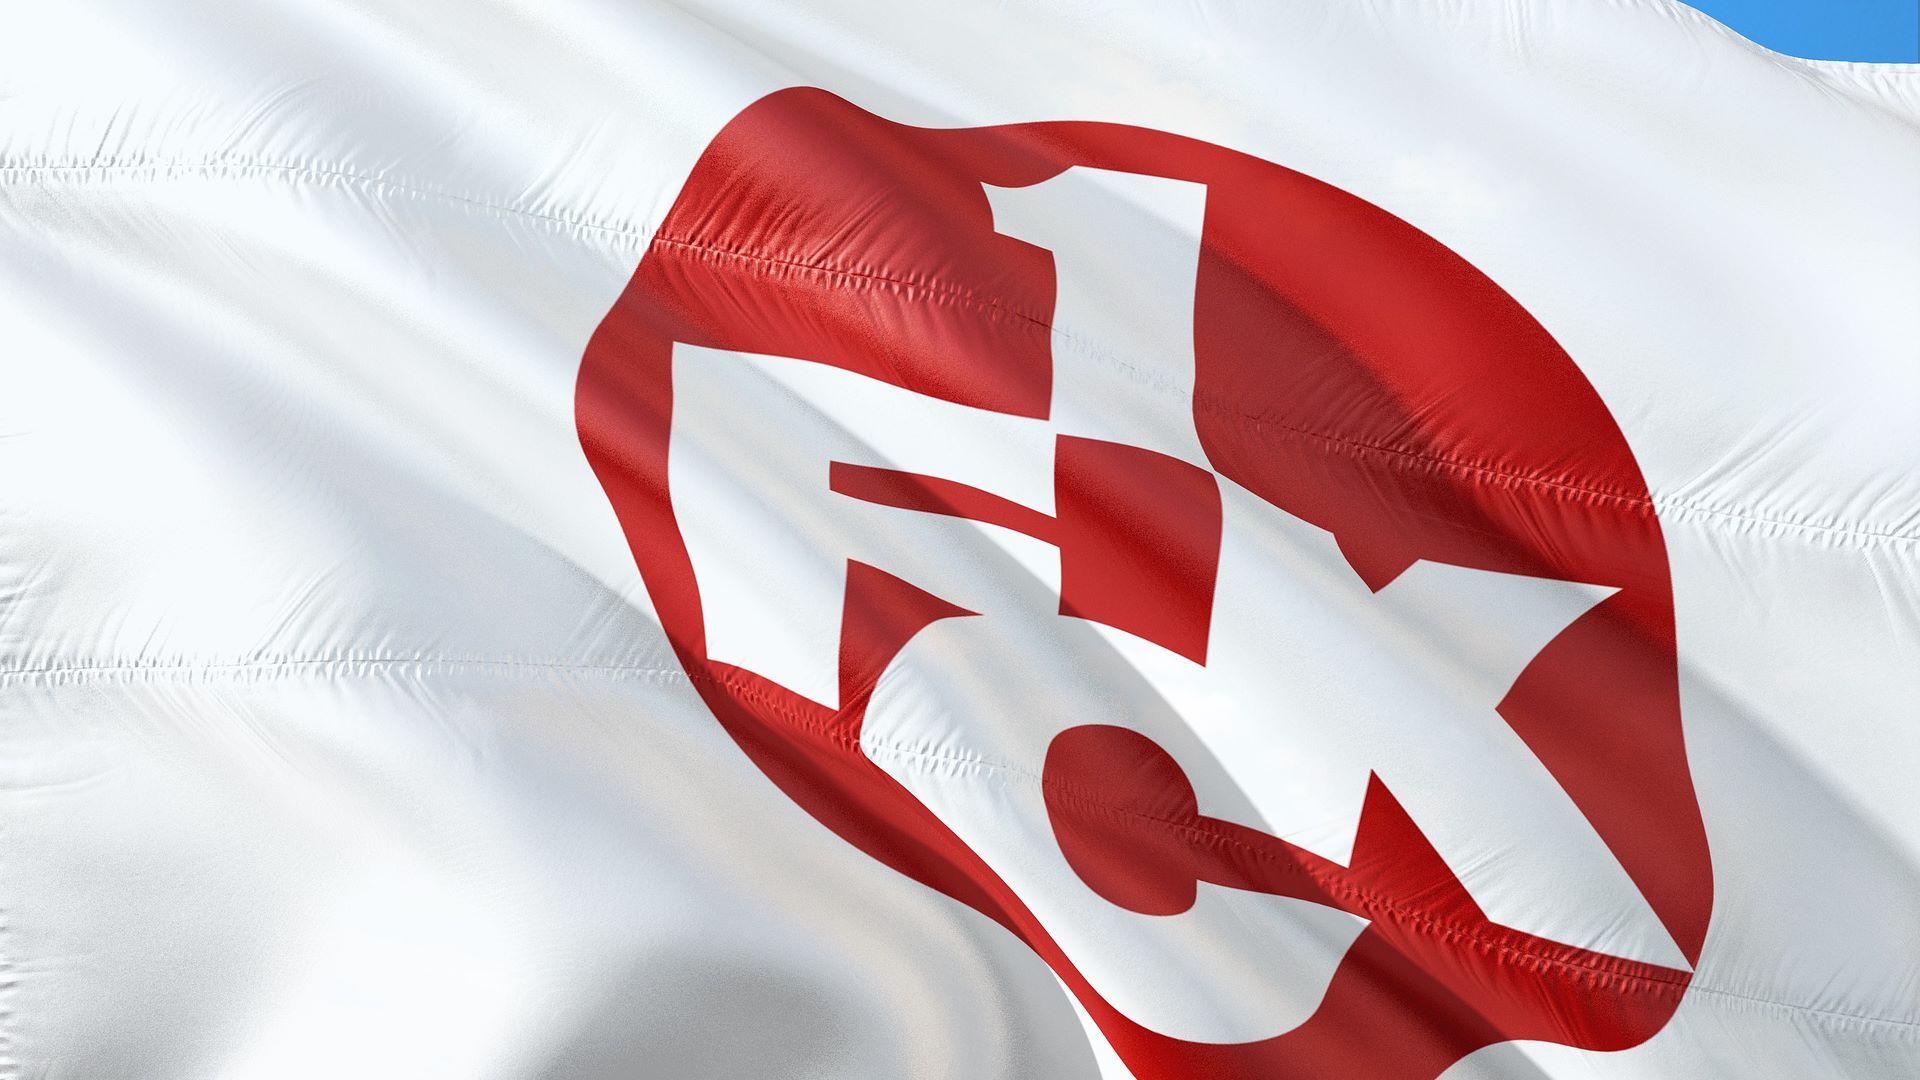 1. FC Kaiserslautern: Vereinsrat entscheidet über außerordentliche Mitgliederversammlung-Image